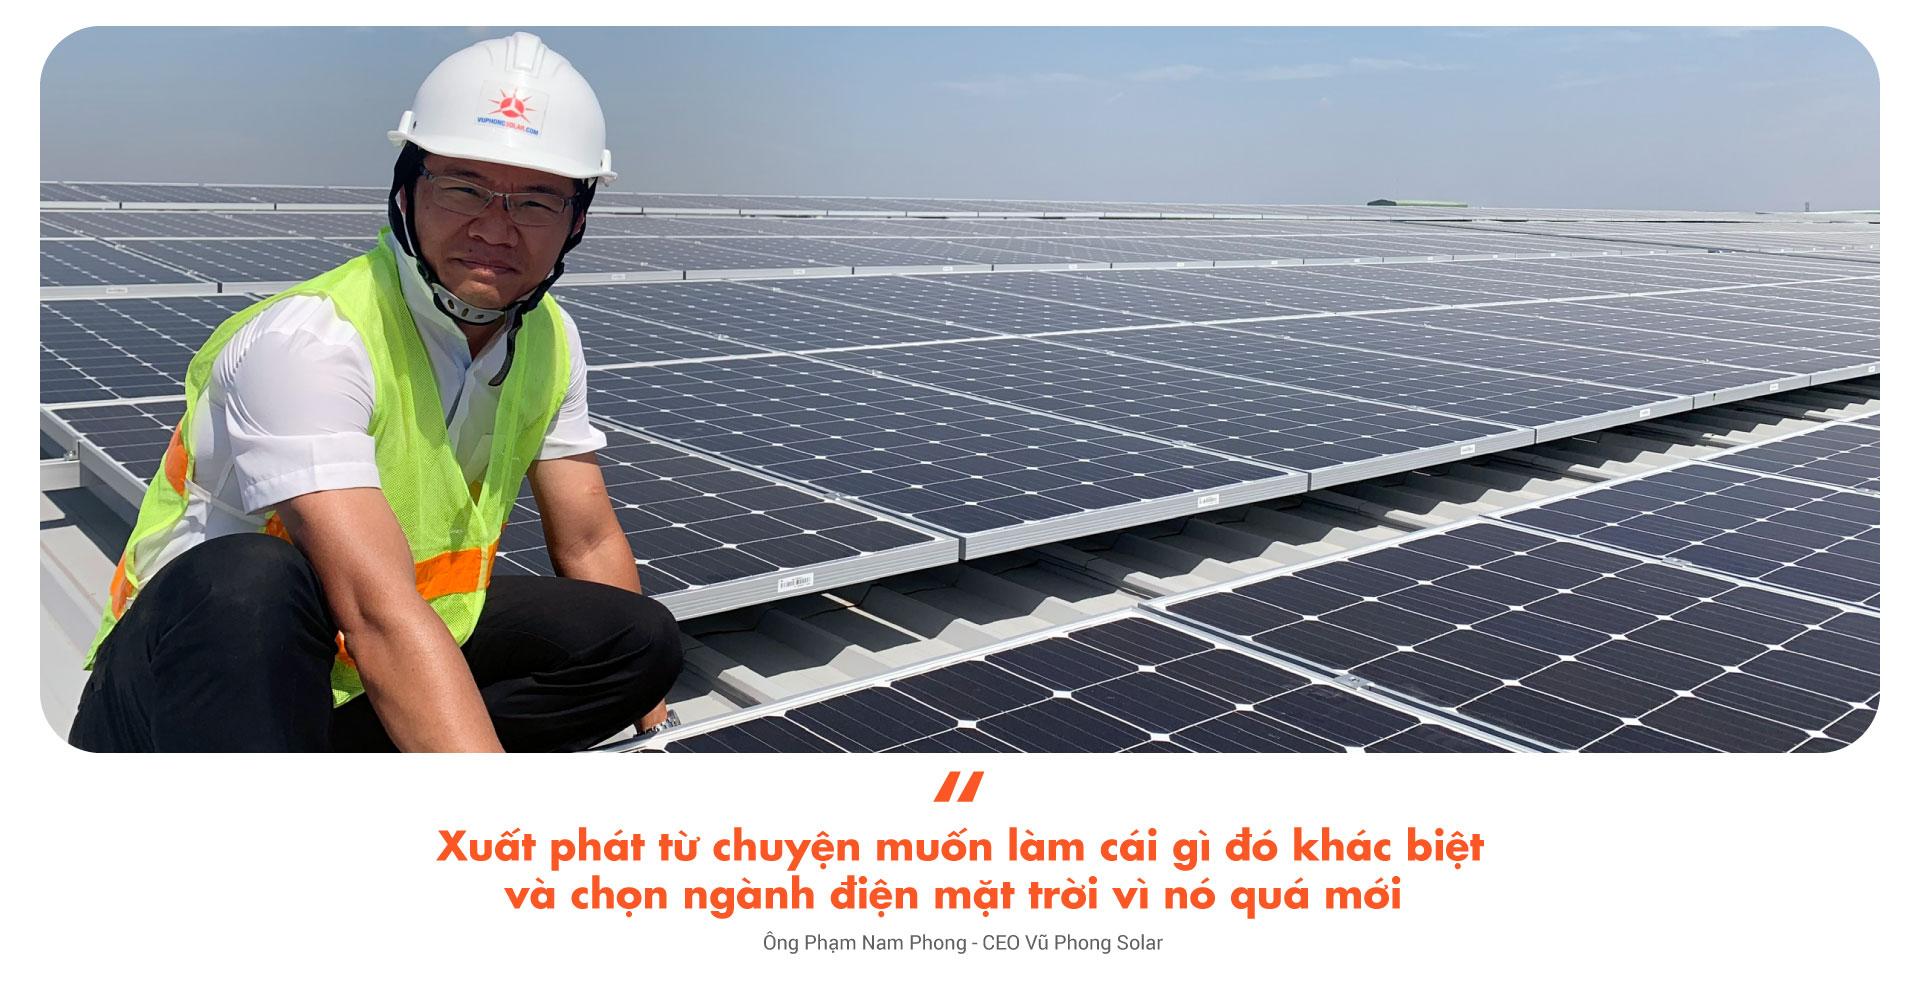 xuất phát từ chuyện muốn làm cái gì đó khác biệt và chọn ngành điện mặt trời ví nó quá mới